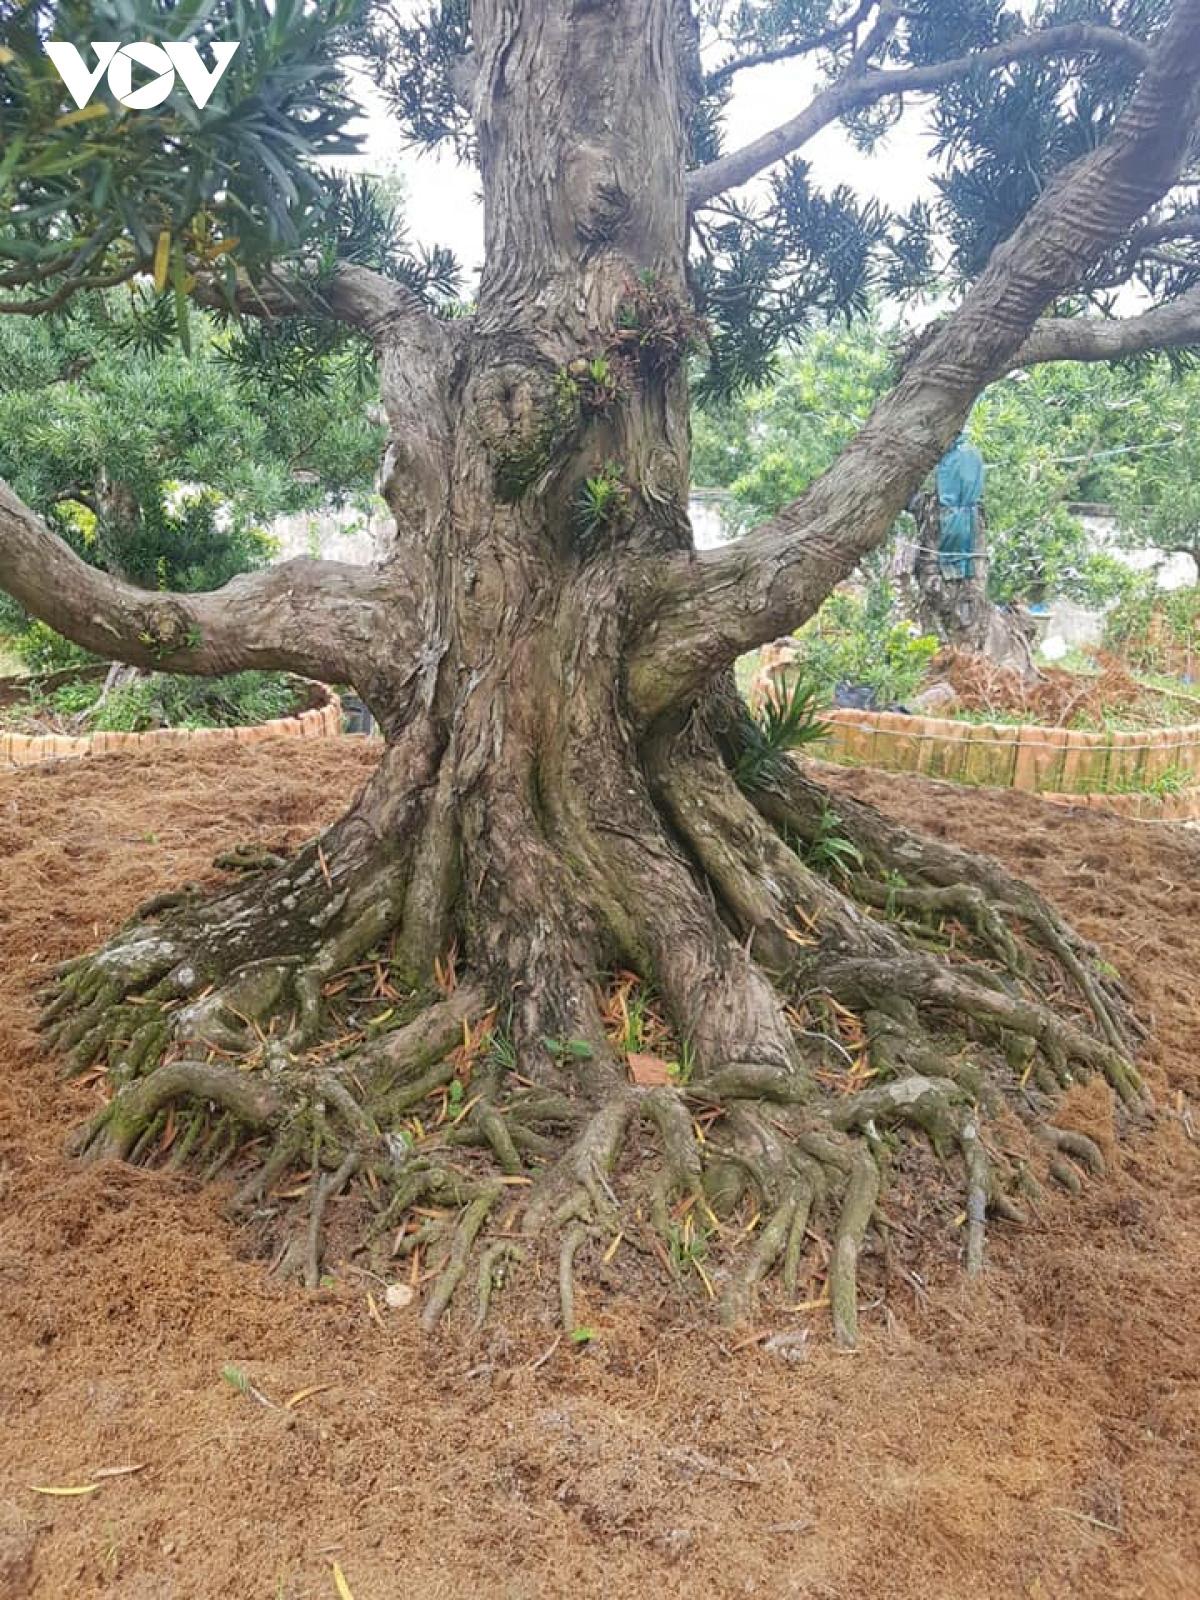 Tiền Giang: Vườn kiểng cổ thụ lớn nhất miền Tây, cây Vạn niên tùng 100 tuổi trông thế này mà giá tới 5 tỷ đồng - Ảnh 5.